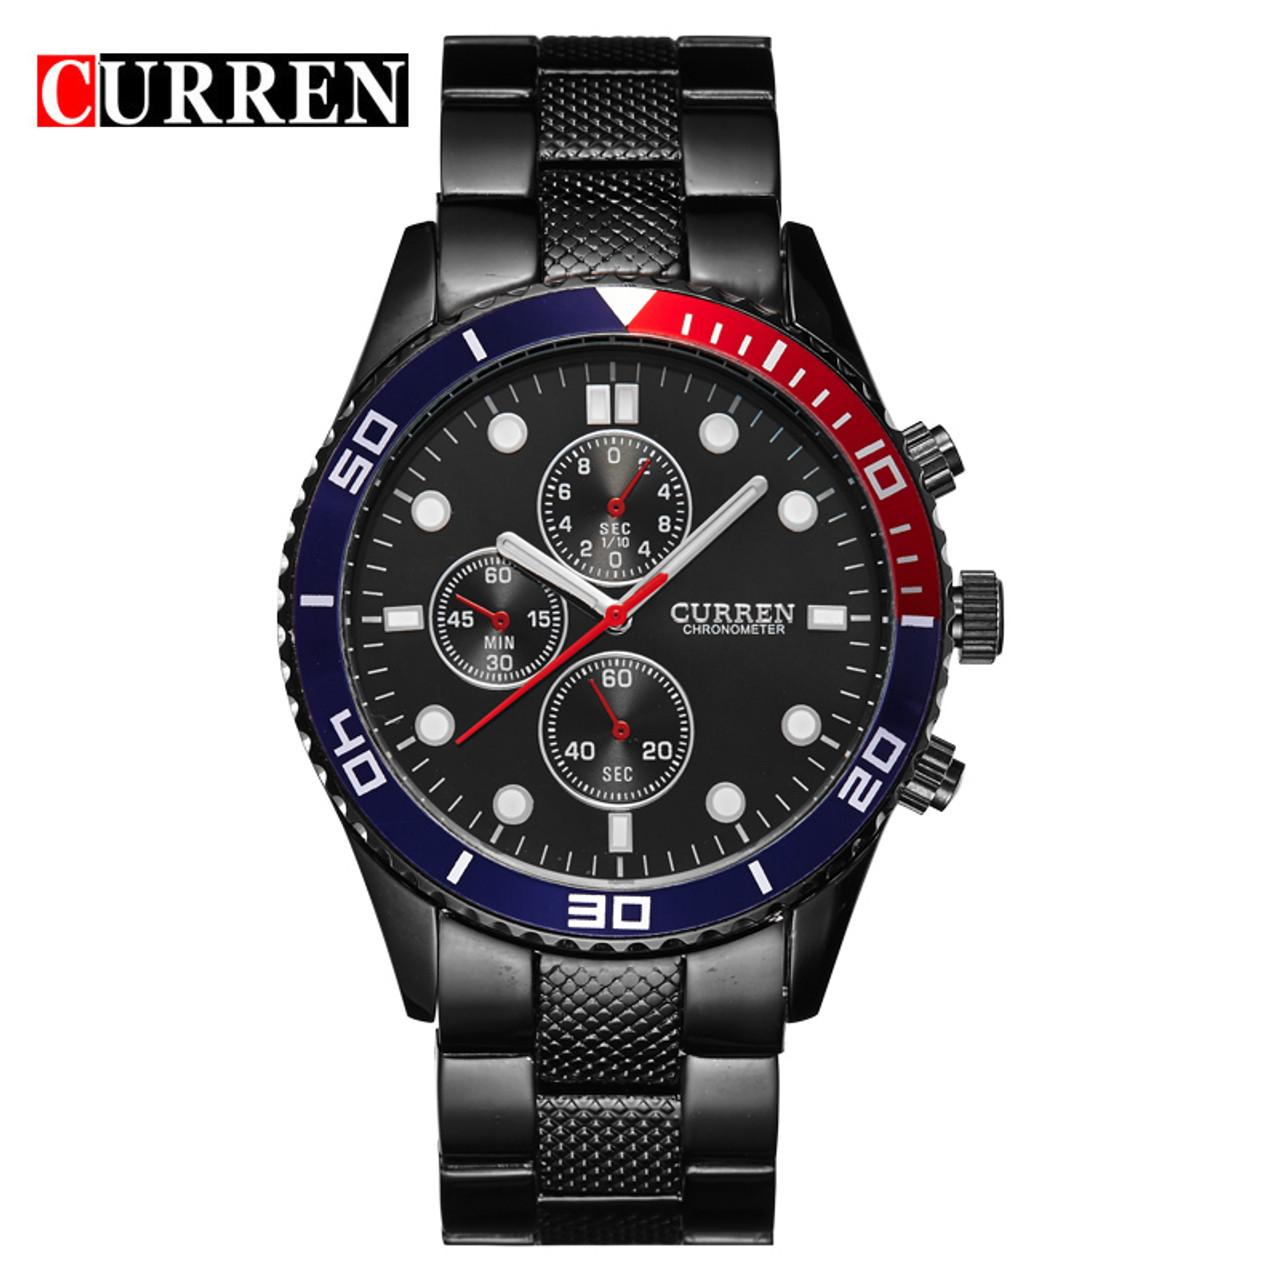 Hot Sports Brand Curren Watches Men Luxury Brand Analog Steel Case